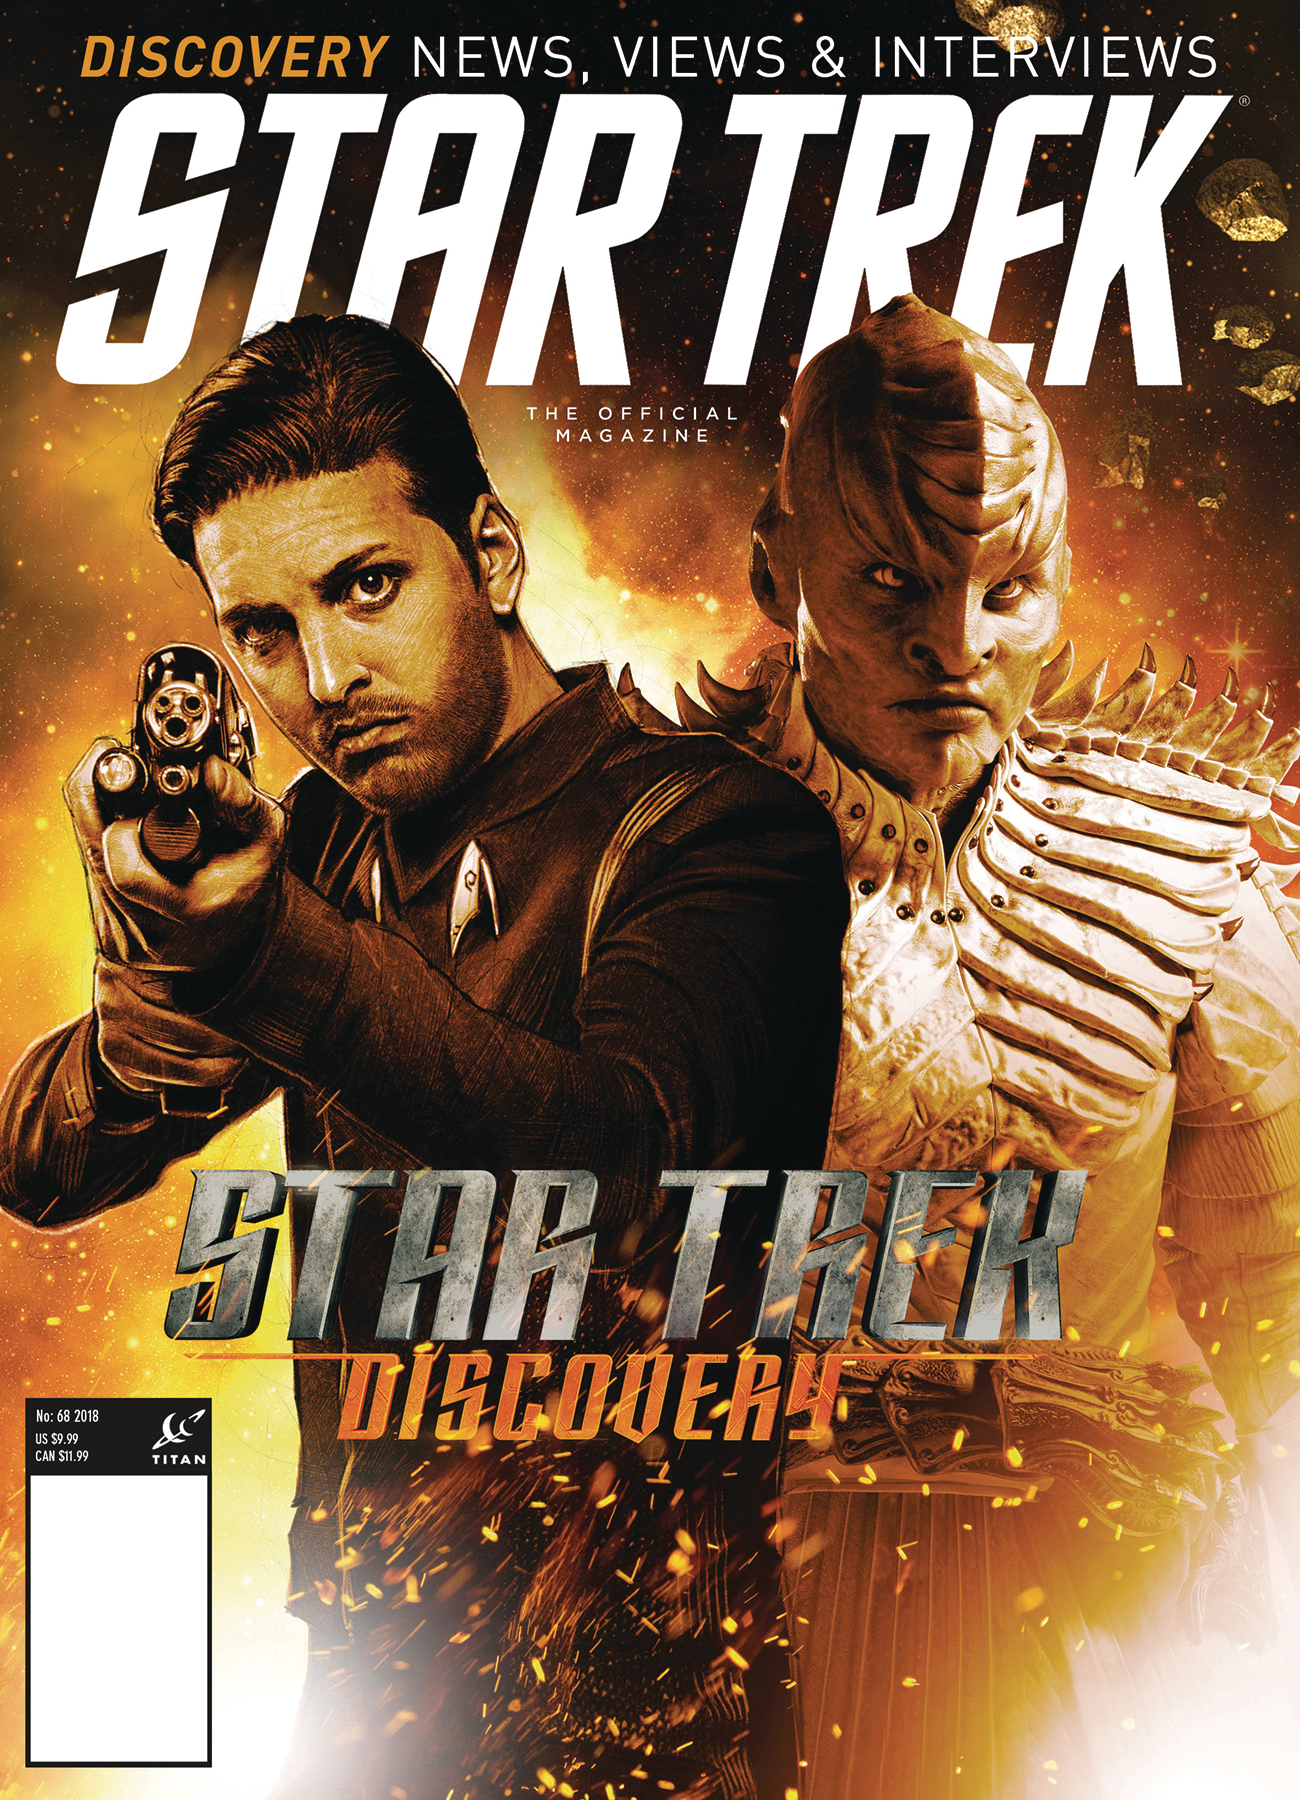 STAR TREK MAGAZINE #68 PX